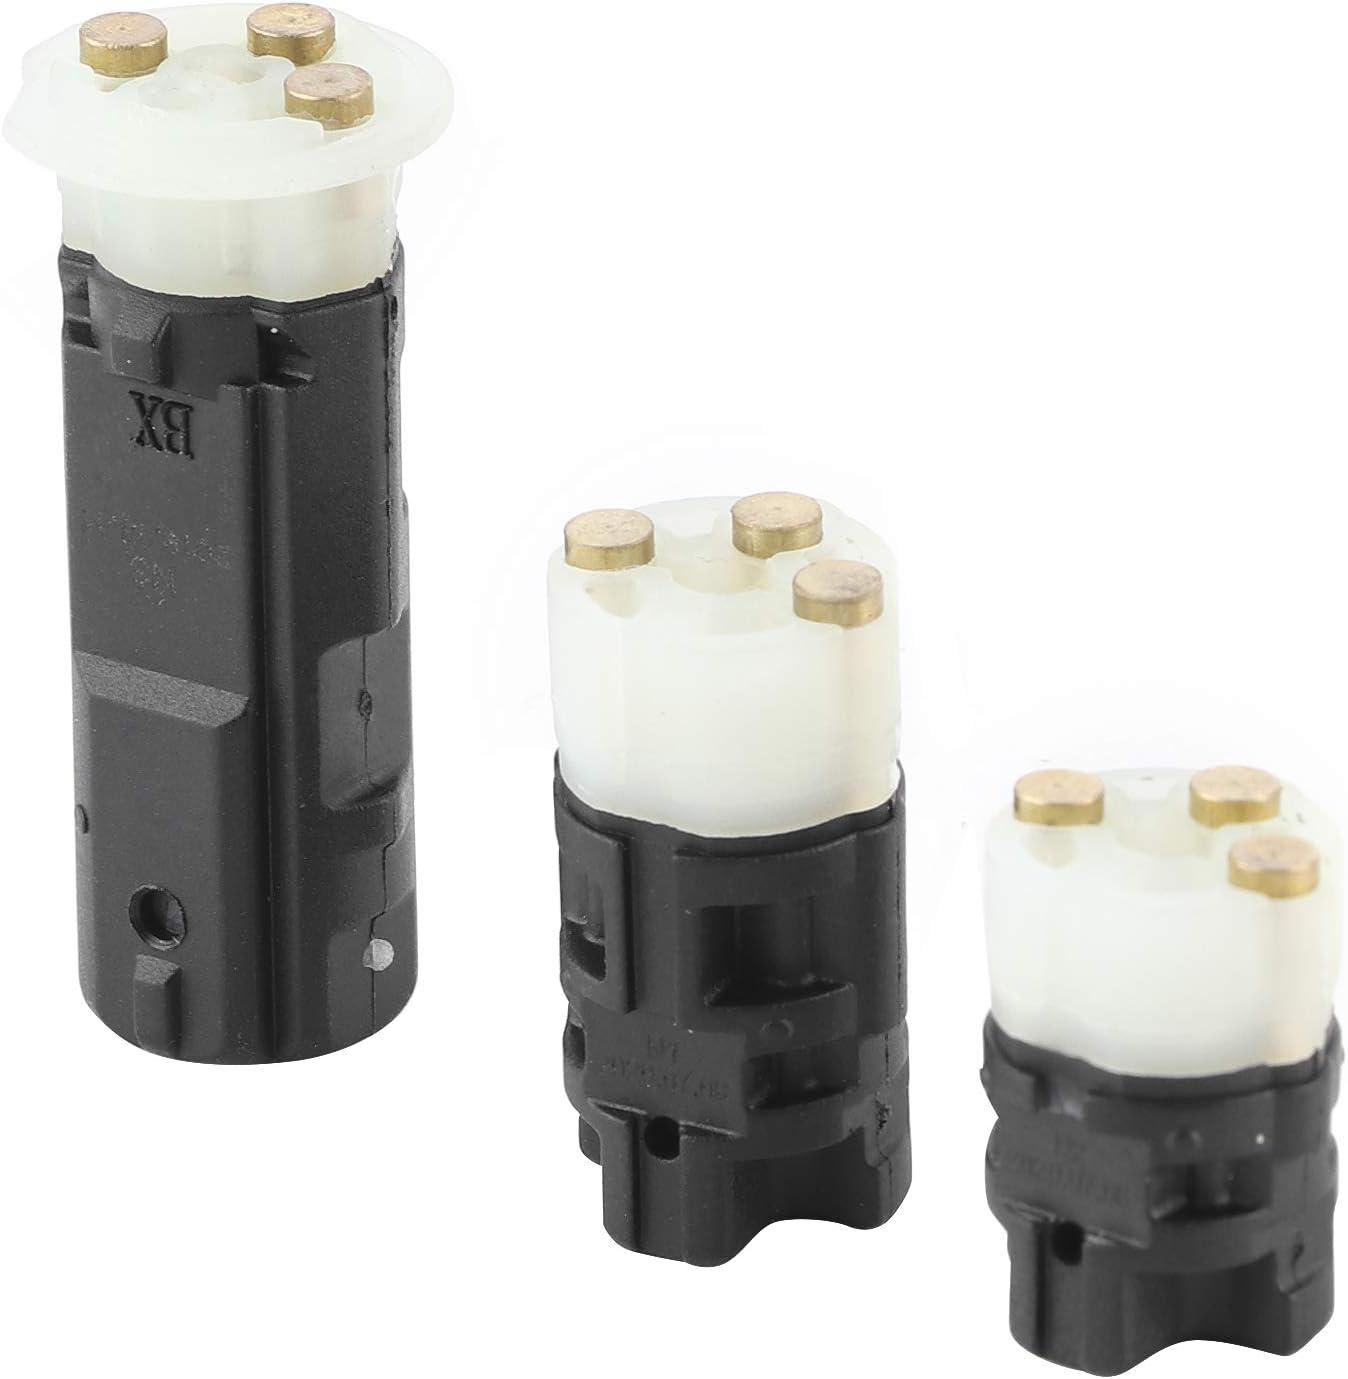 3Pcs 722.9 per TCM Kit sensore del modulo di controllo TCU Y3//8n3 e Y3//8n2 Y3//8n1 Adatto per W221 S300 S350 S500 S550 S600 EBTOOLS Sensore del modulo di controllo TCU per